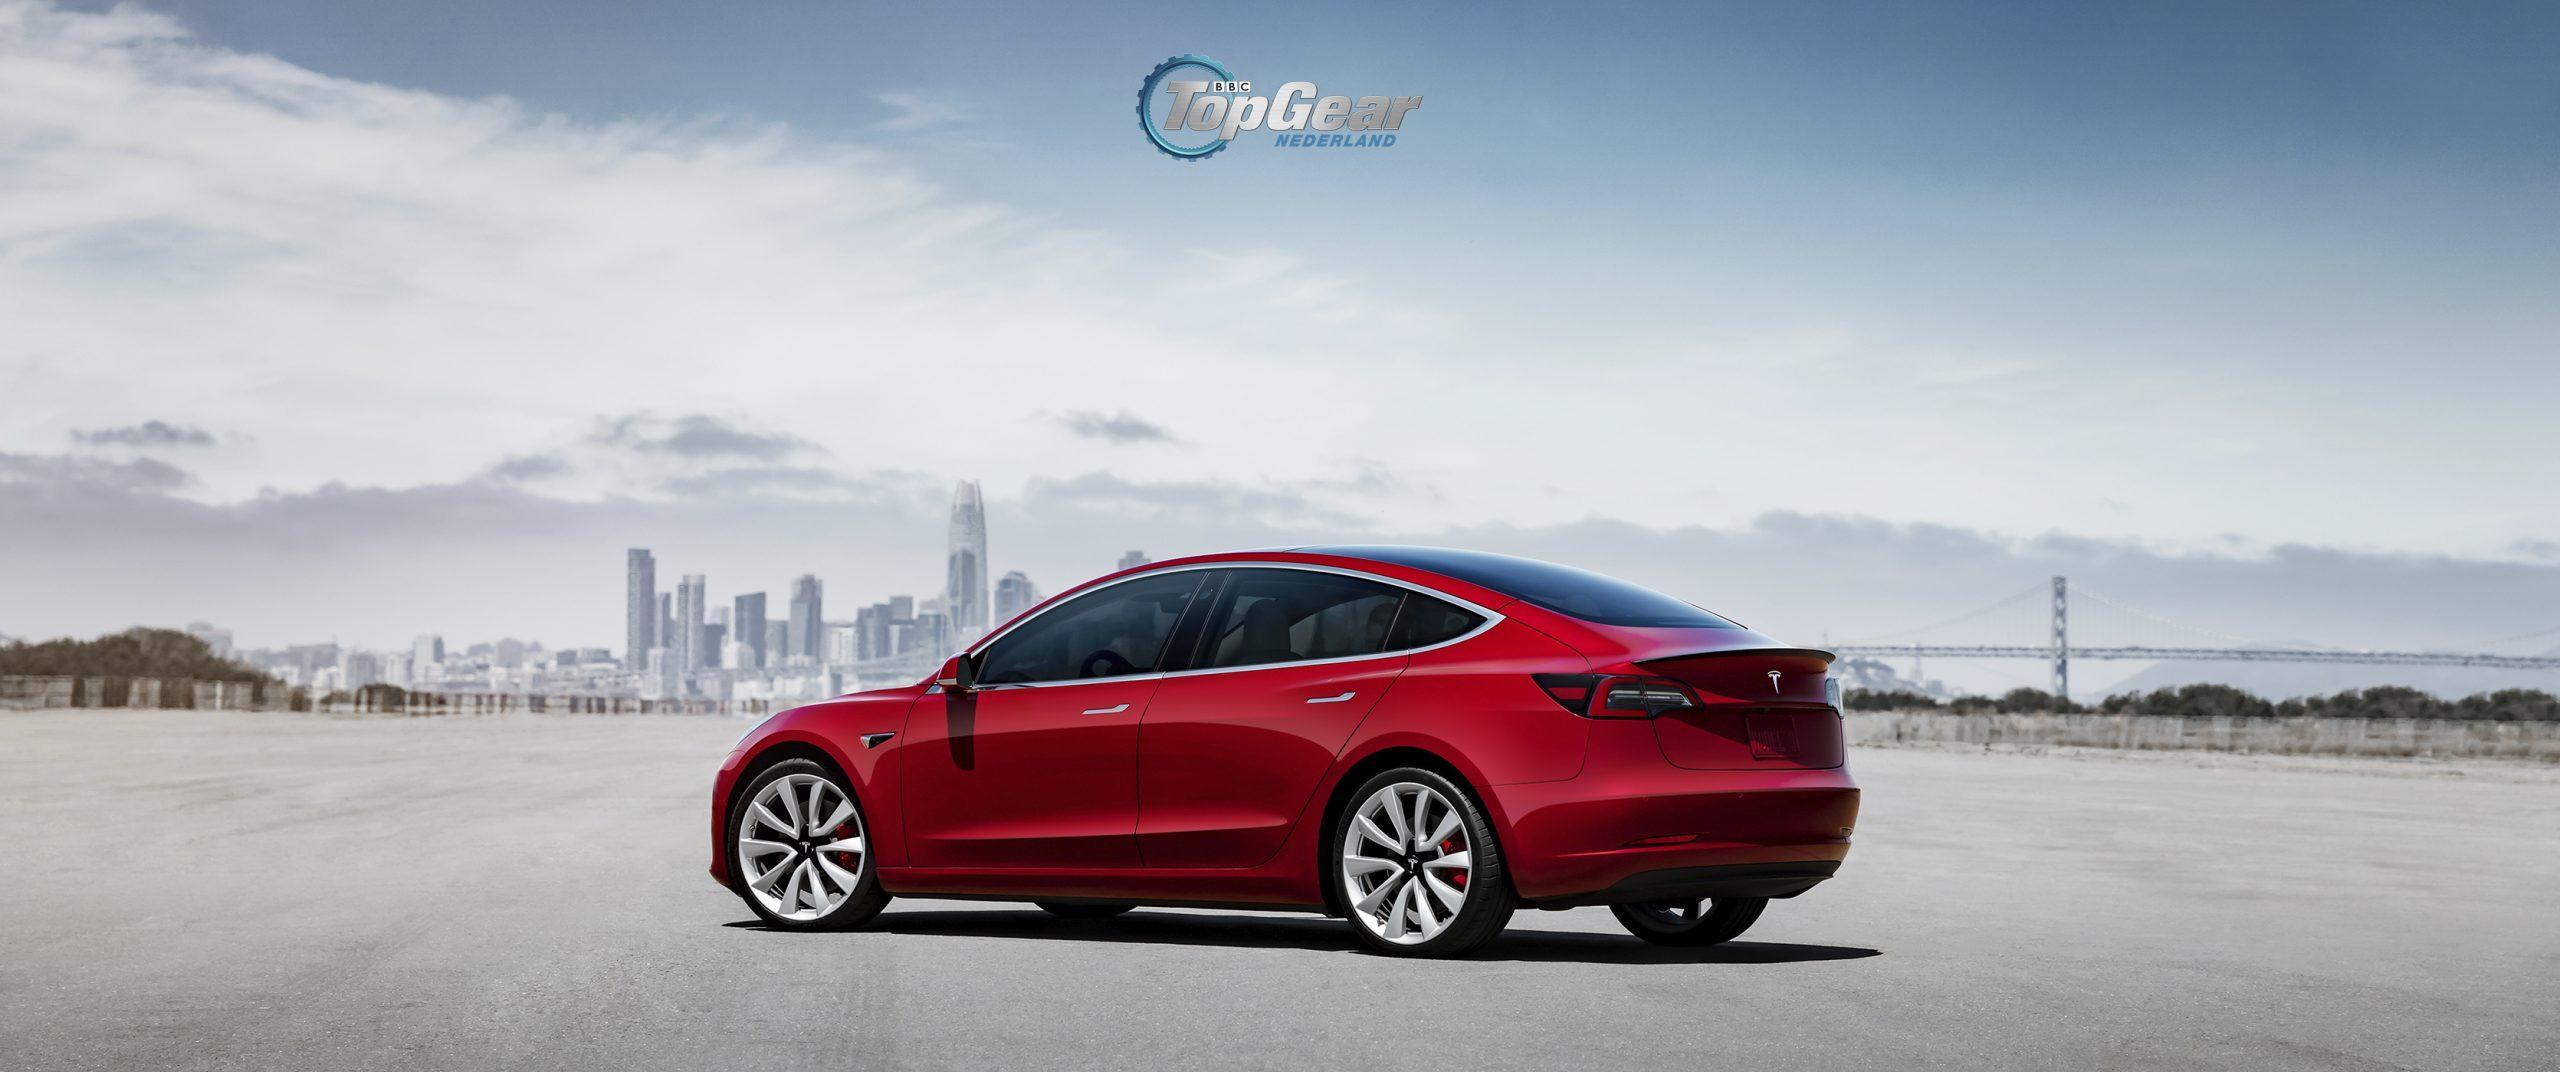 Tesla Model 3 wallpaper desktop en mobiel - TopGear